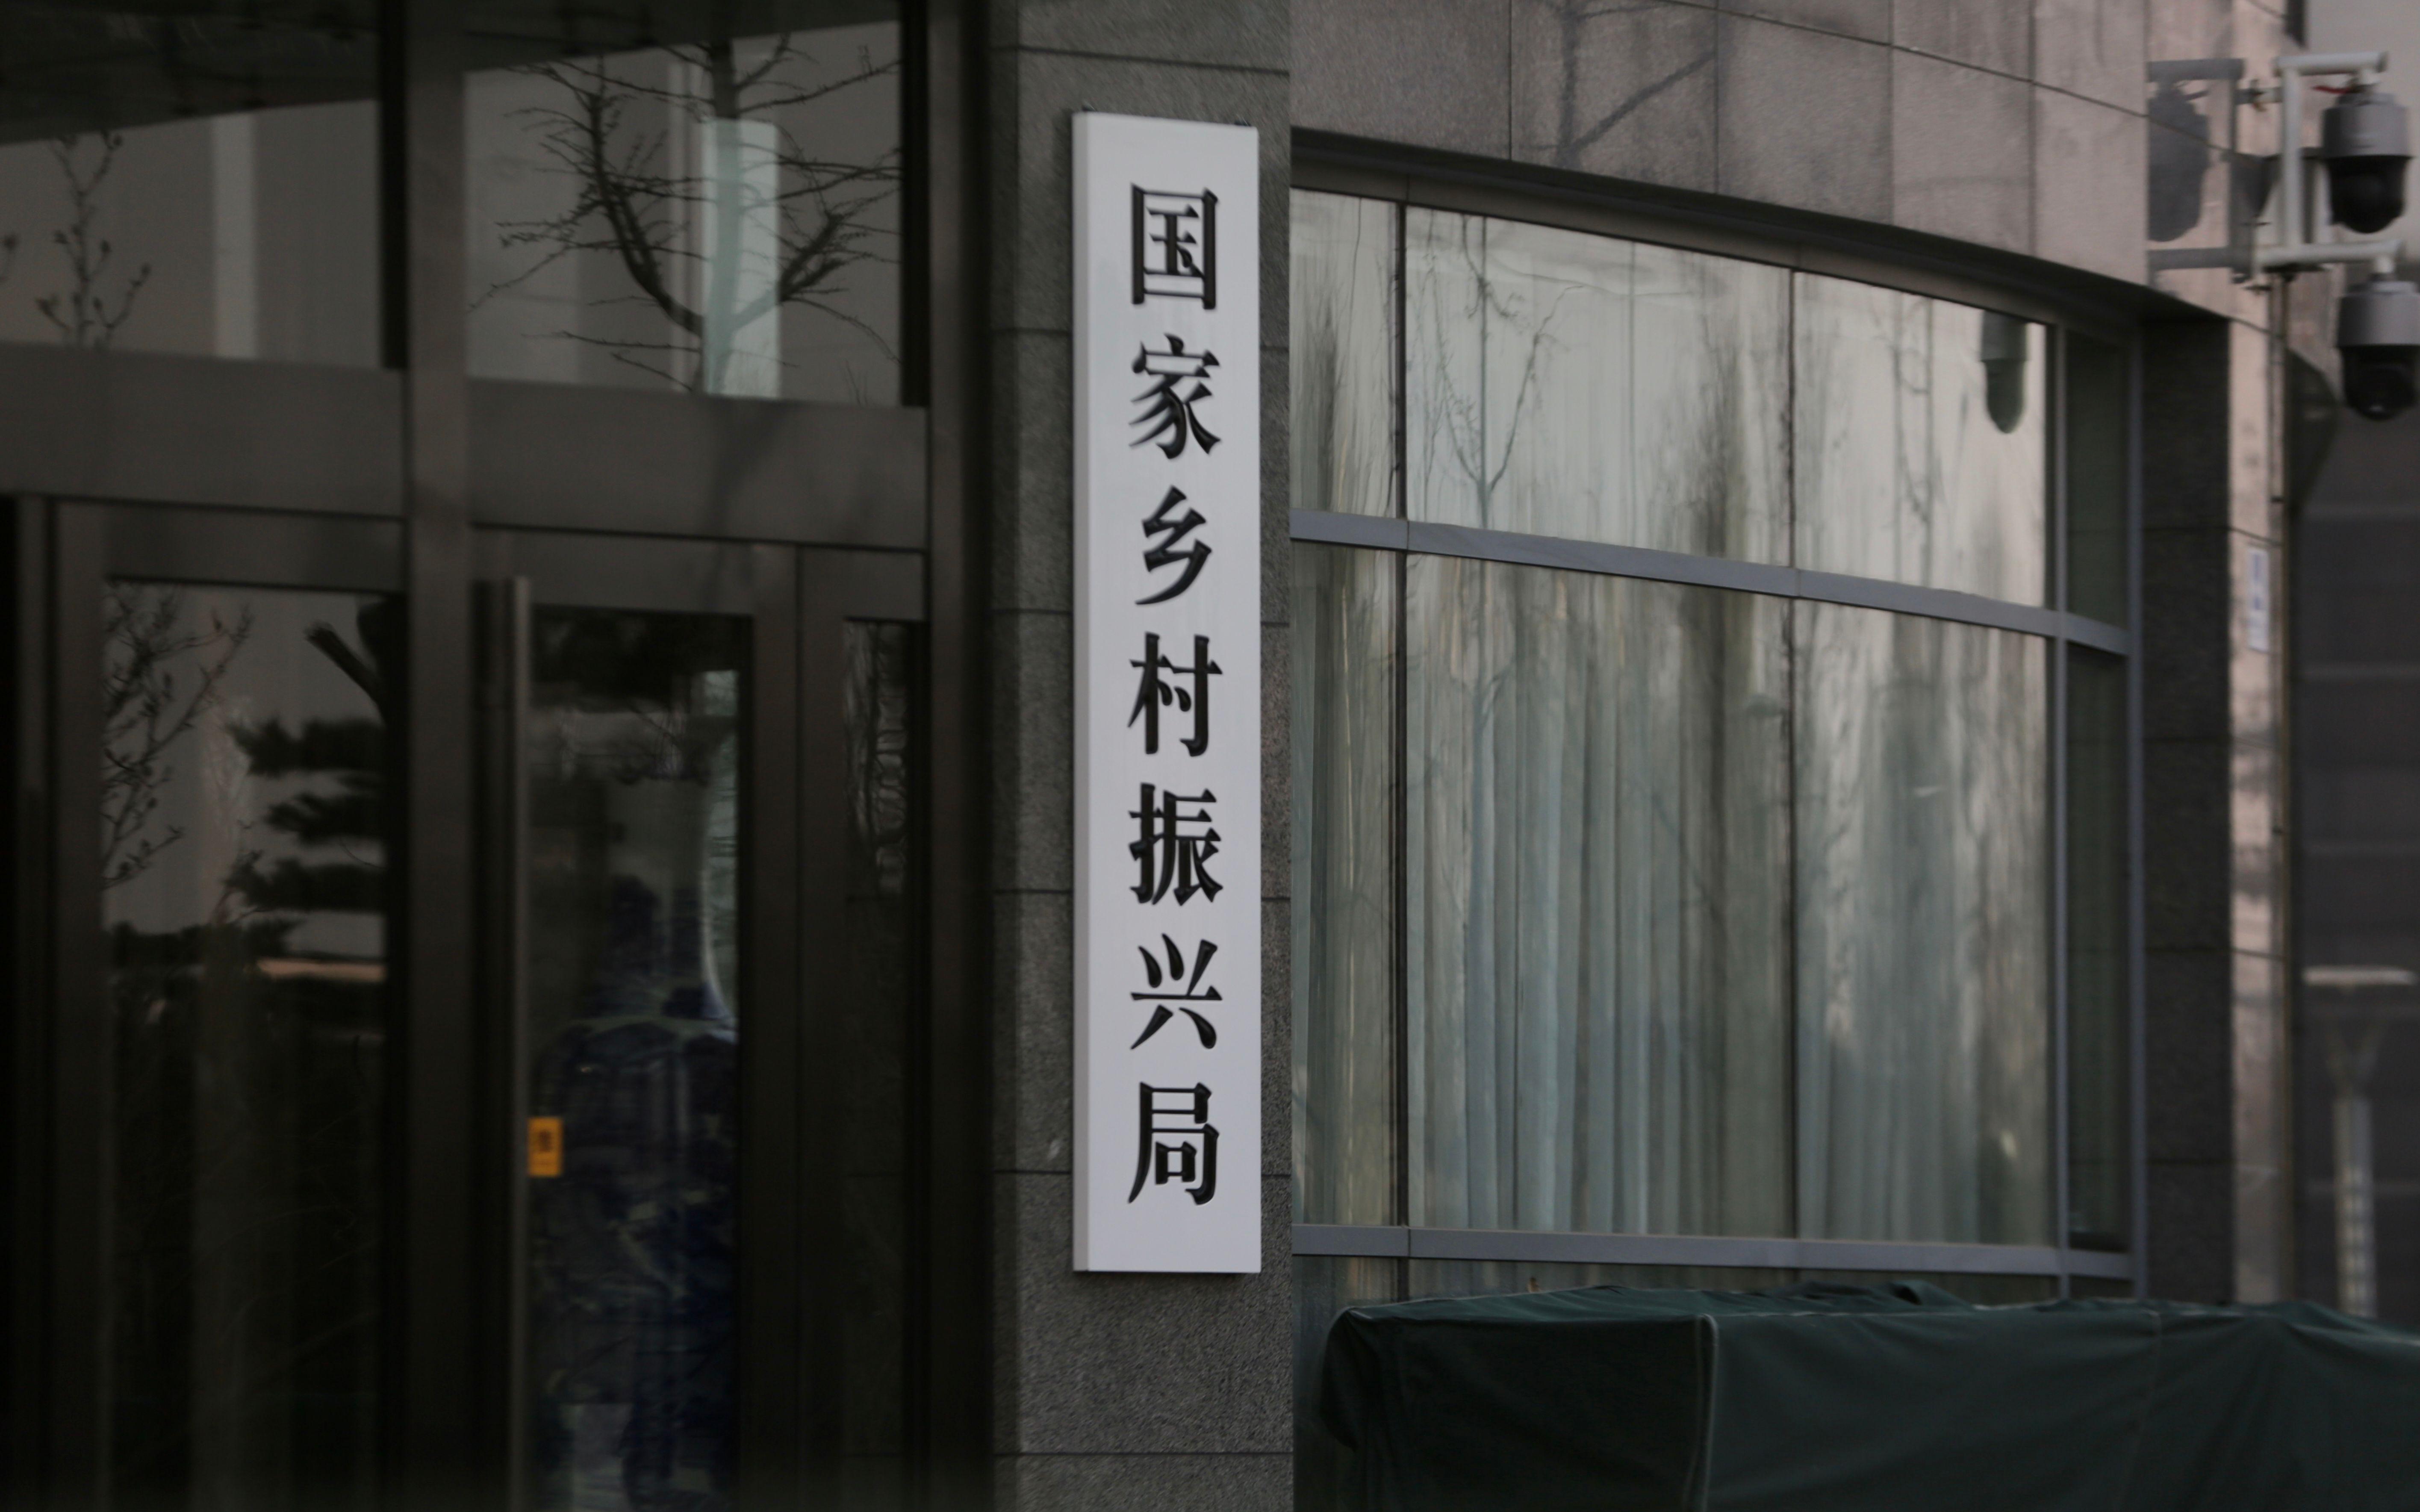 国家乡村振兴局正式挂牌